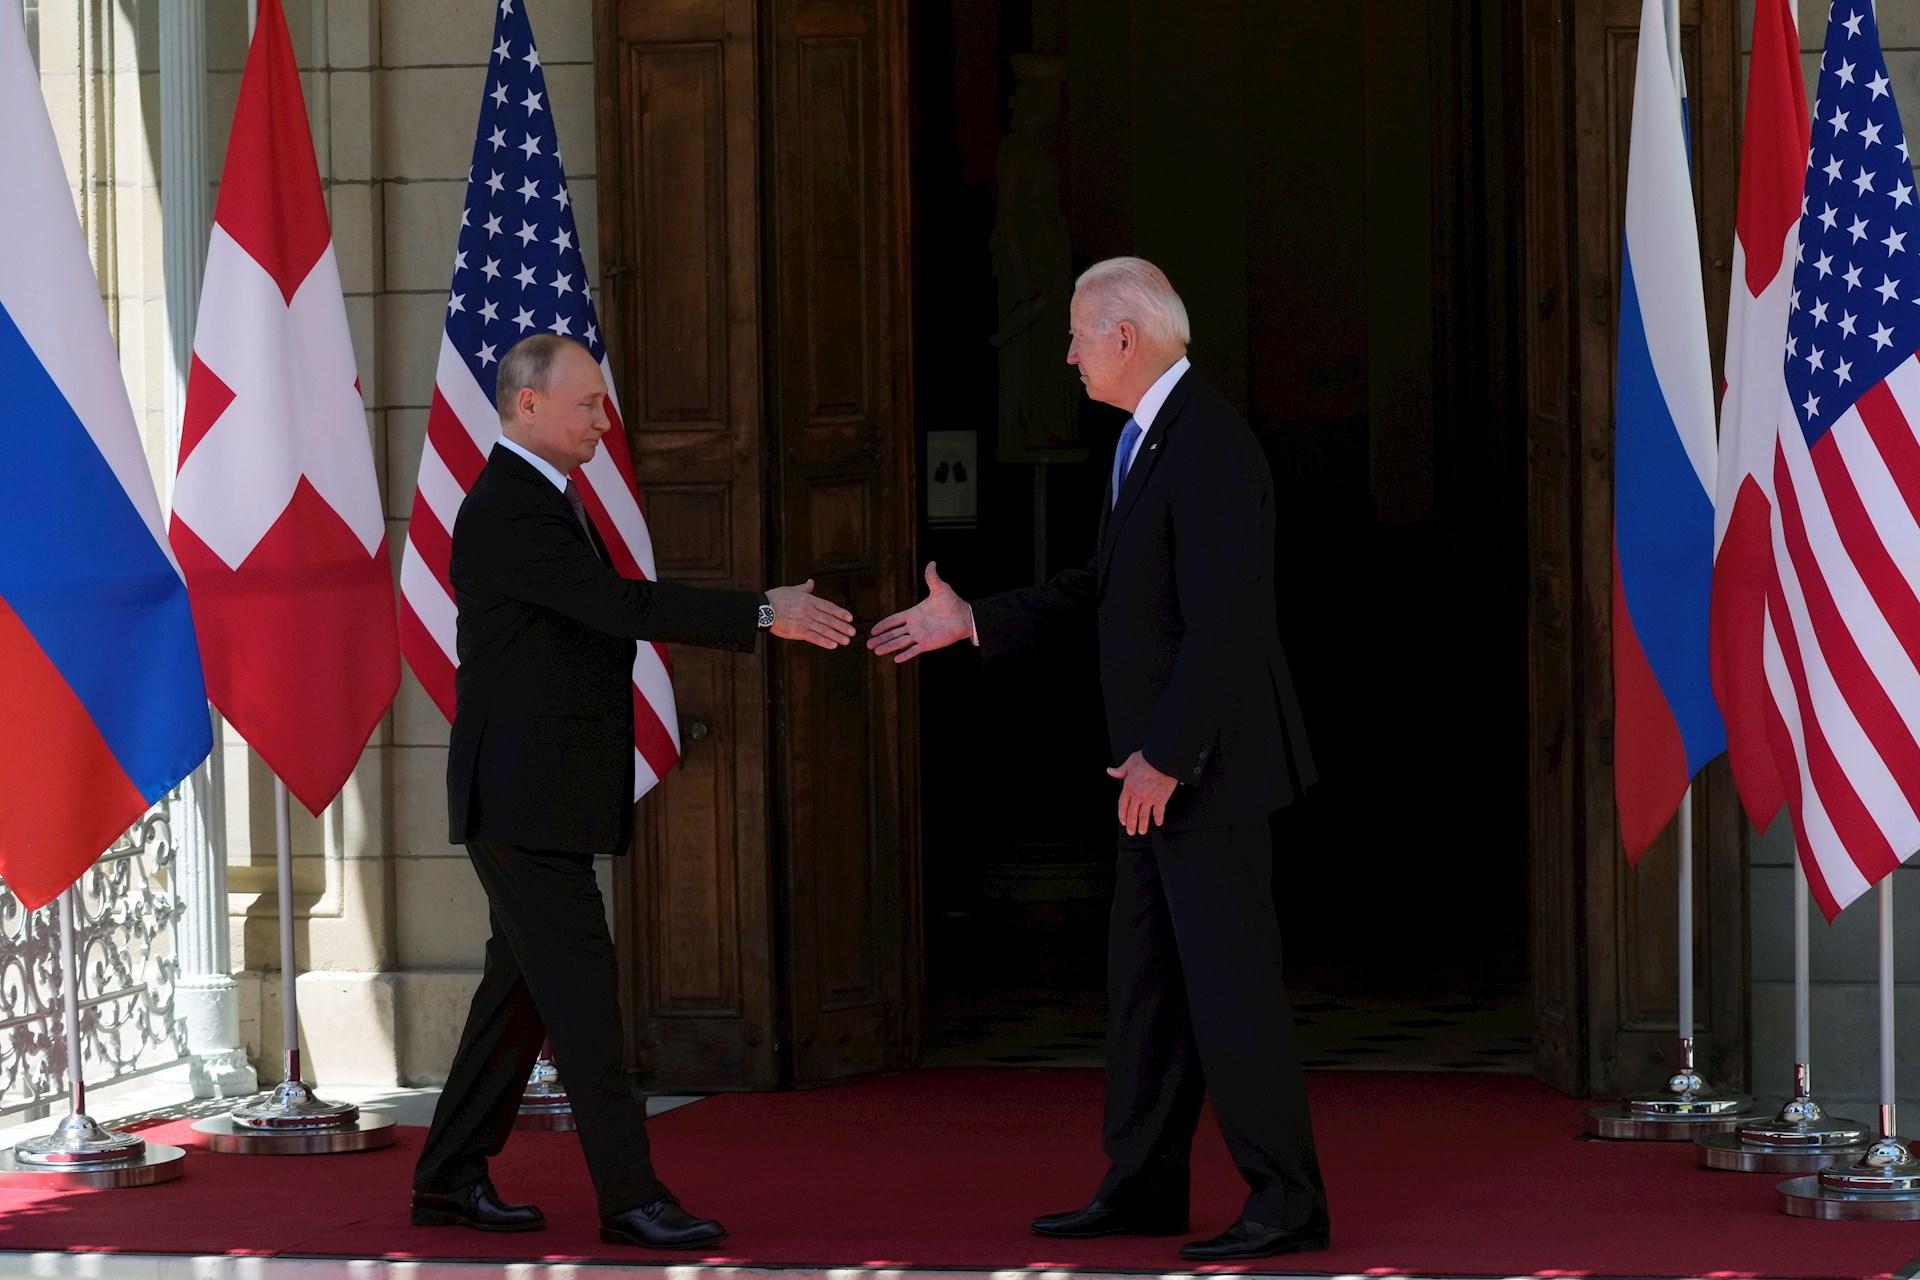 La cumbre entre los presidentes de Estados Unidos, Joe Biden, y de Rusia, Vladímir Putin, comenzó hoy, instantes después de que ambos llegaran por separado al lugar del esperado encuentro en la Villa La Grange en una zona céntrica de Ginebra. Foto de EFE/ EPA/ ALEXANDER ZEMLIANICHENKO.